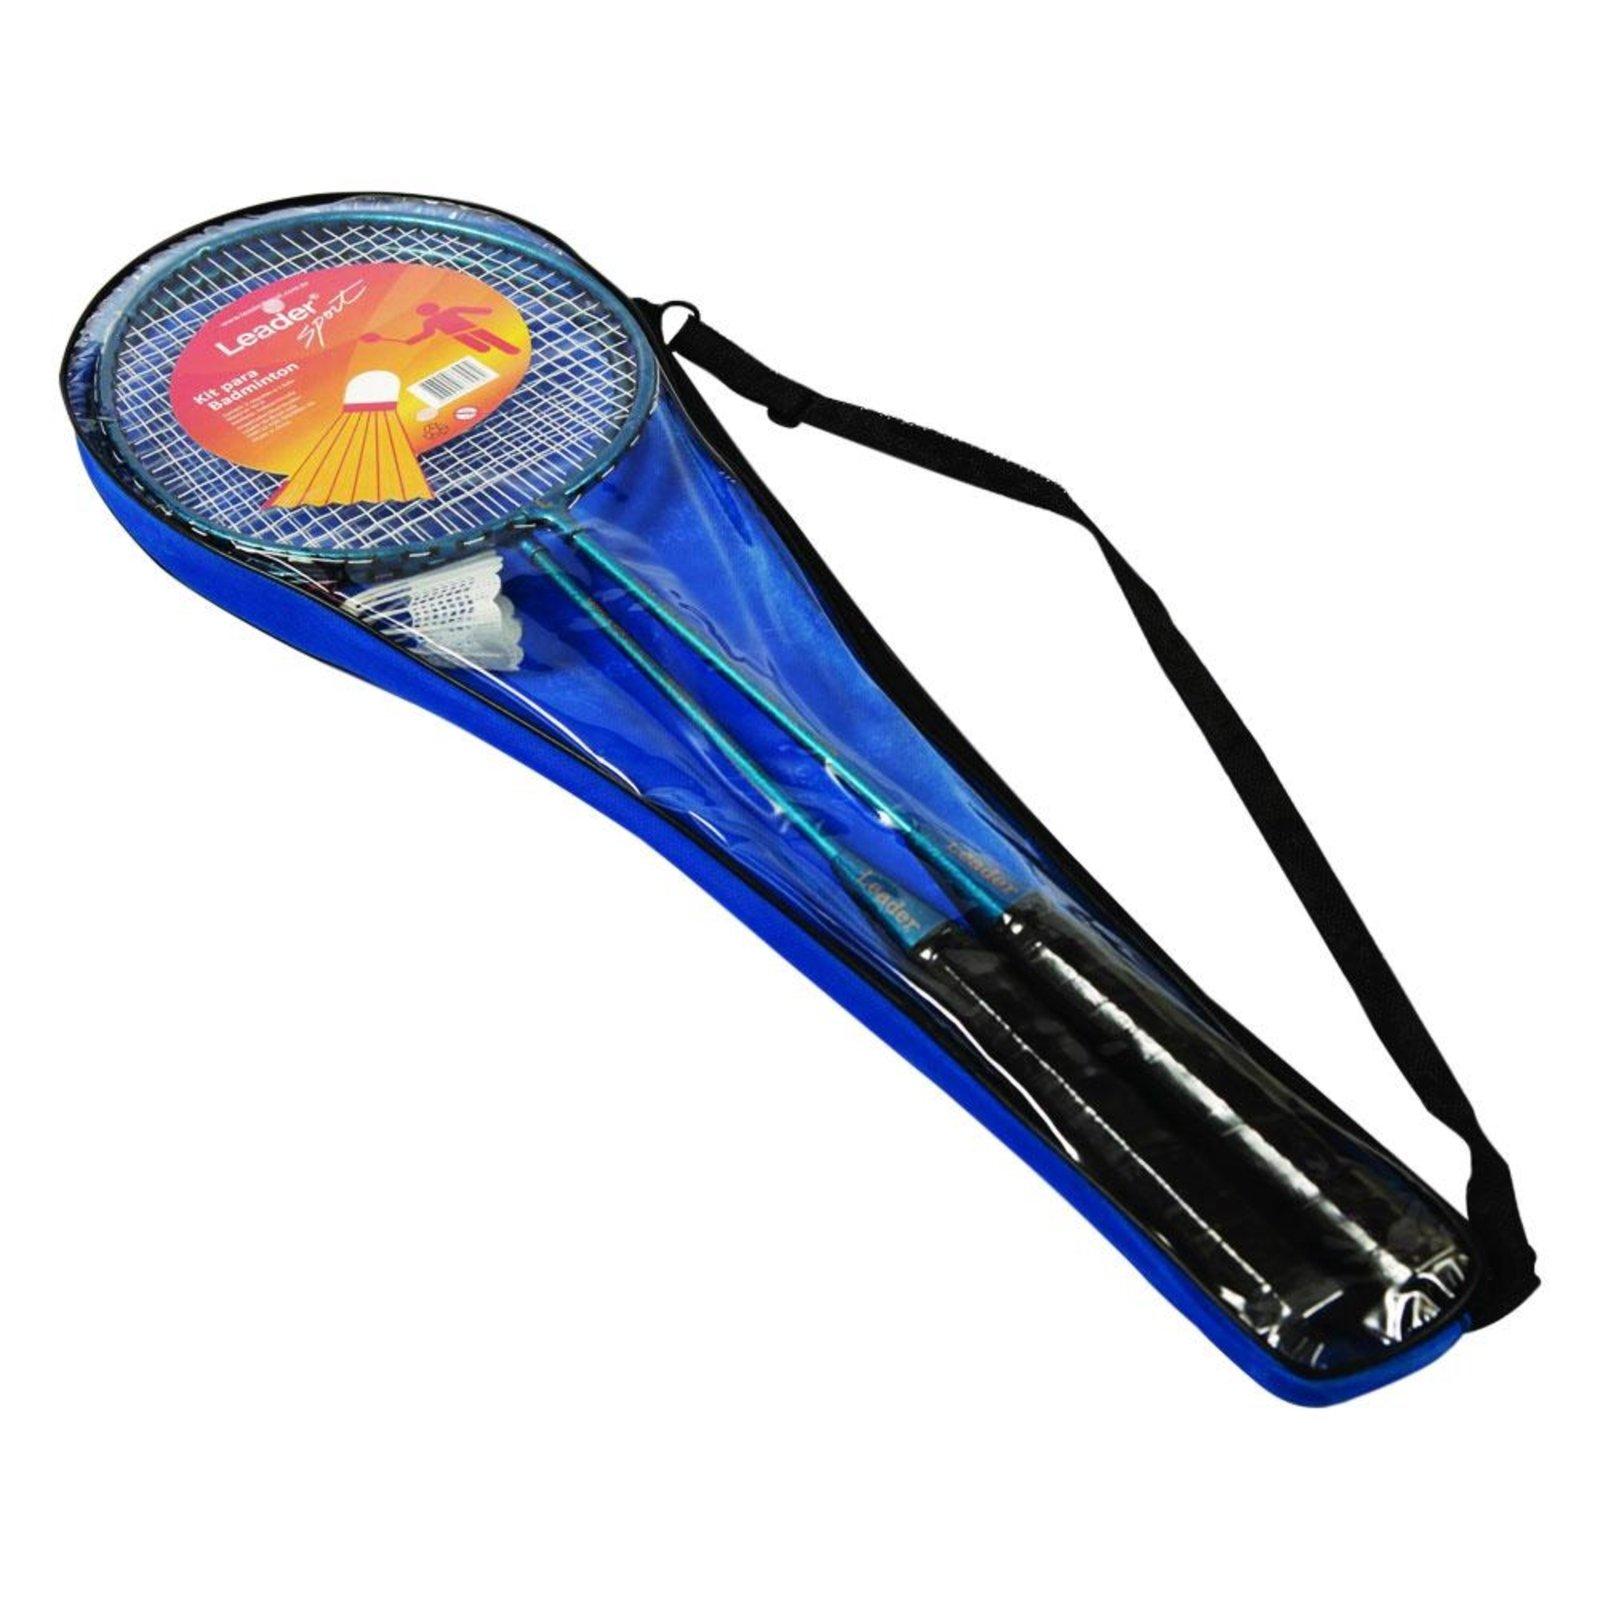 Badminton Kit Leader Leader LD258 Azul - Compre Agora